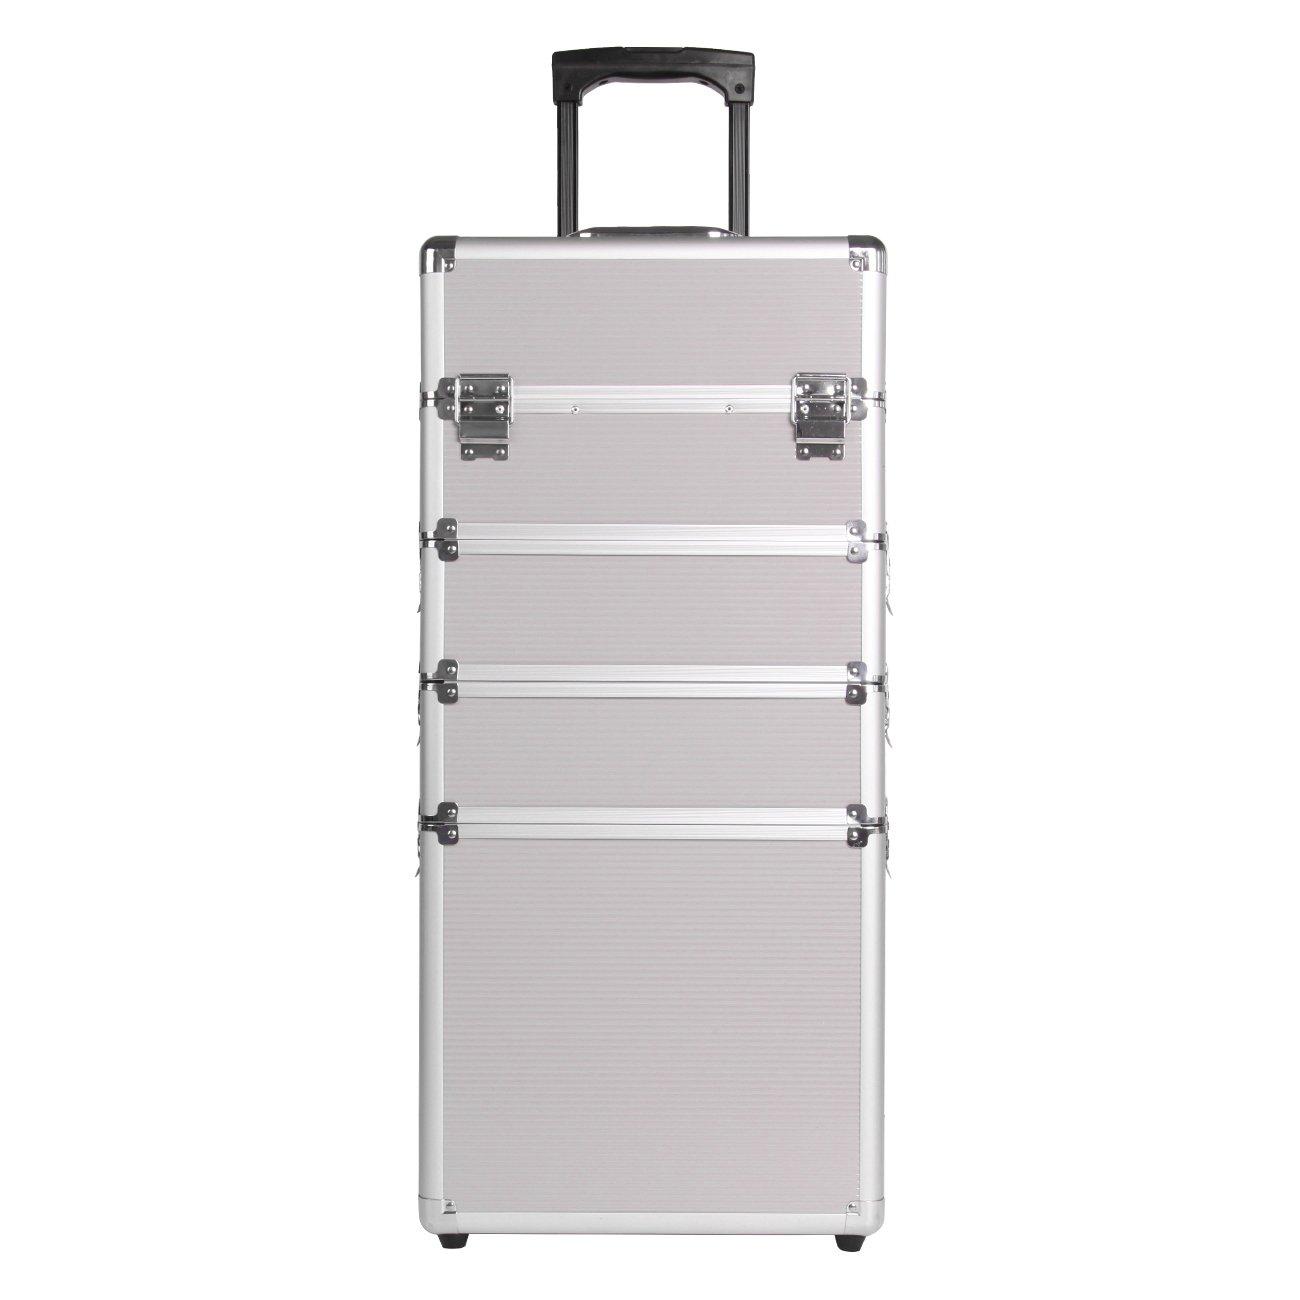 Paneltech 4 en 1 grand maquillage Beauty Rolling Case Organiseur Cosmétiques Coiffeuse Box de rangement verrouillable Professional Professional Travel Trolley (argent)